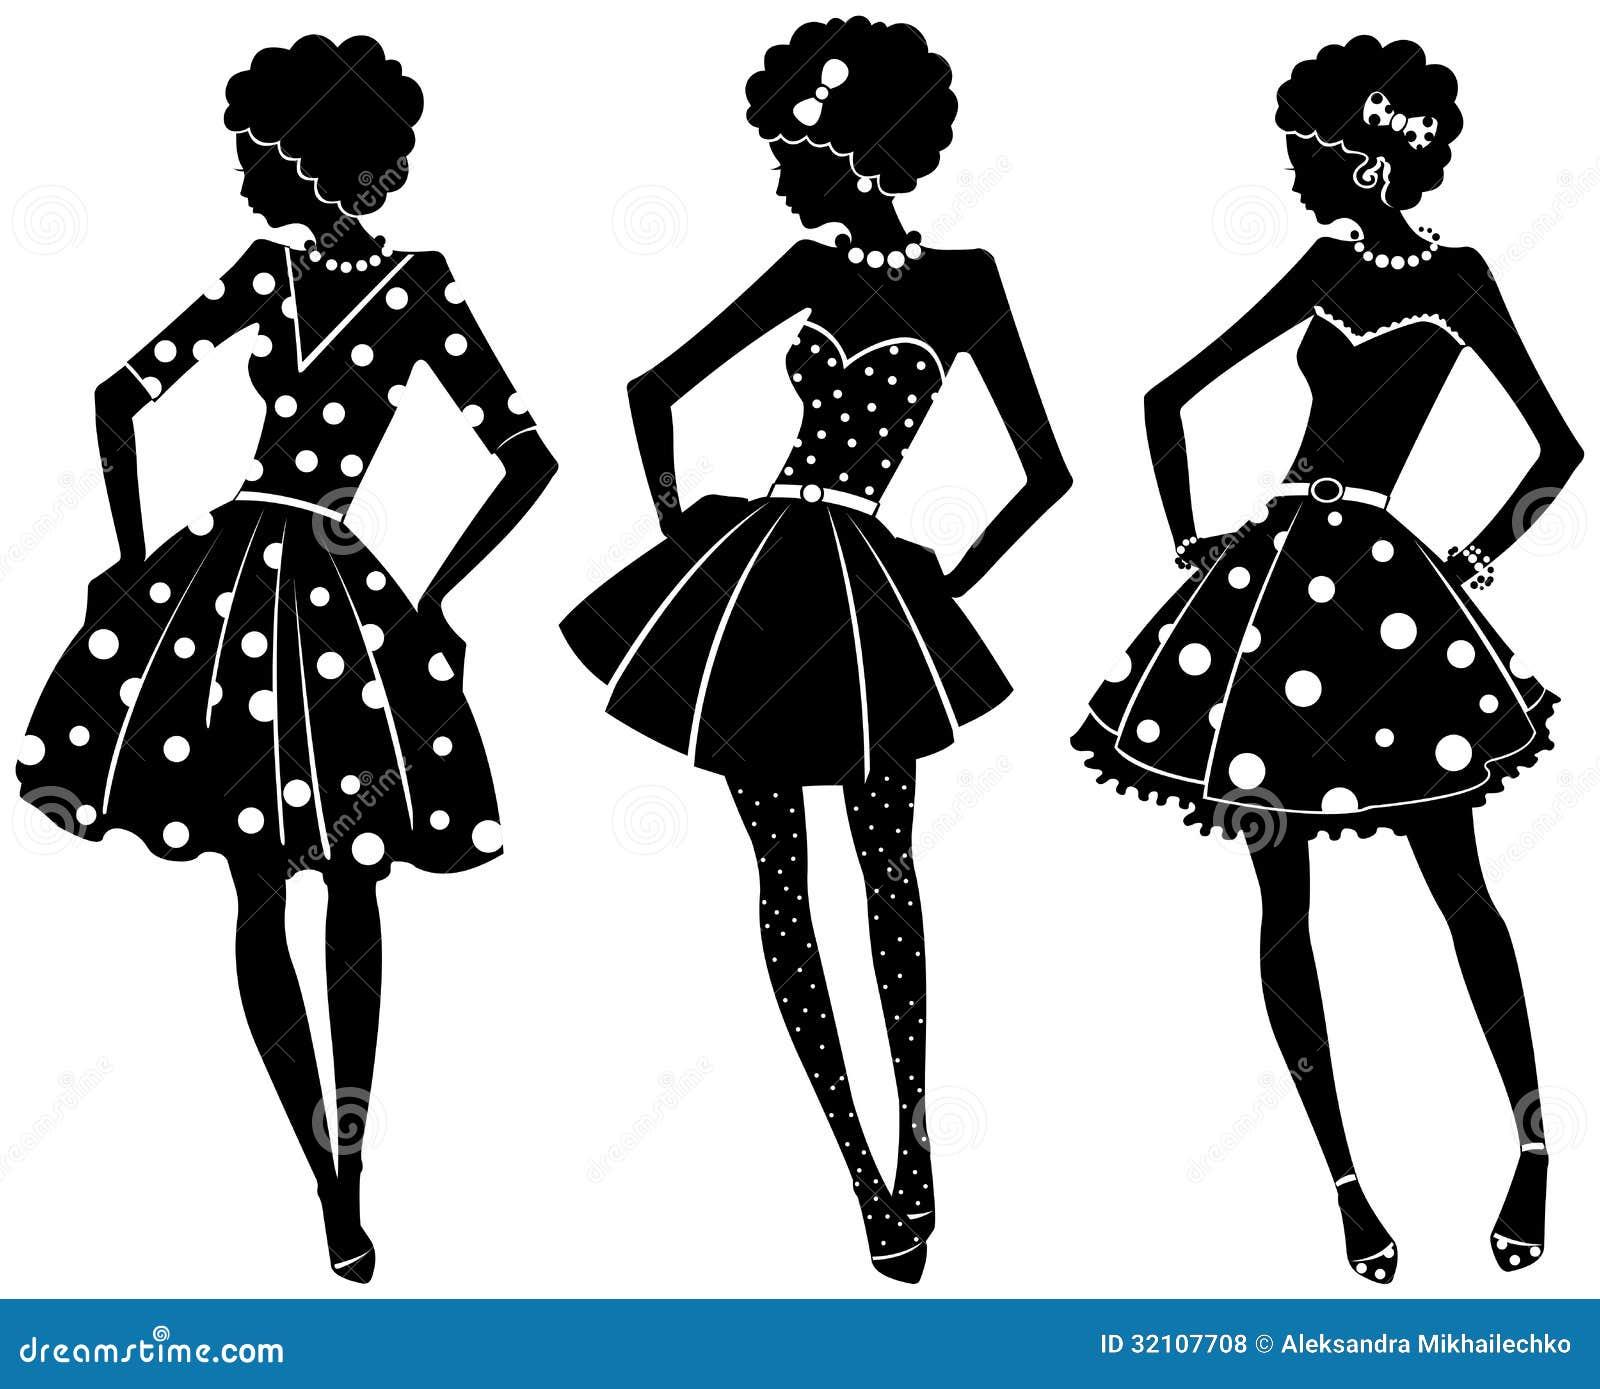 Tres siluetas de mujeres fotos de archivo libres de for Ladeblok wit 3 lades